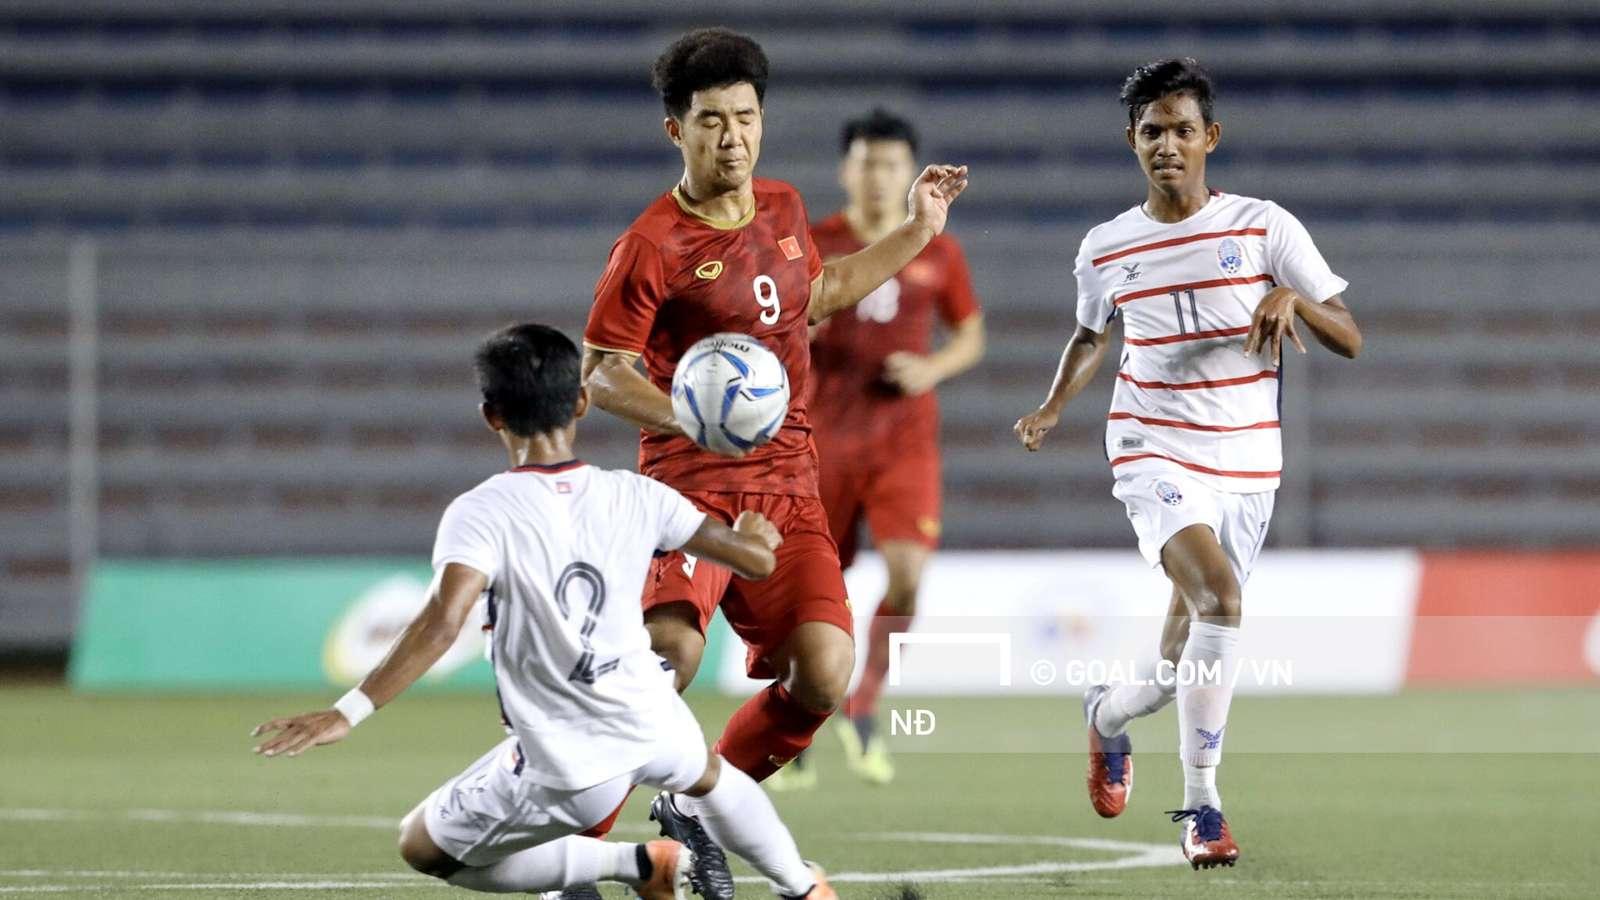 Hàng thủ U22 Campuchia đã có 90 phút vất vả để kềm tỏa mũi nhọn Hà Đức Chinh bên phía đối thủ